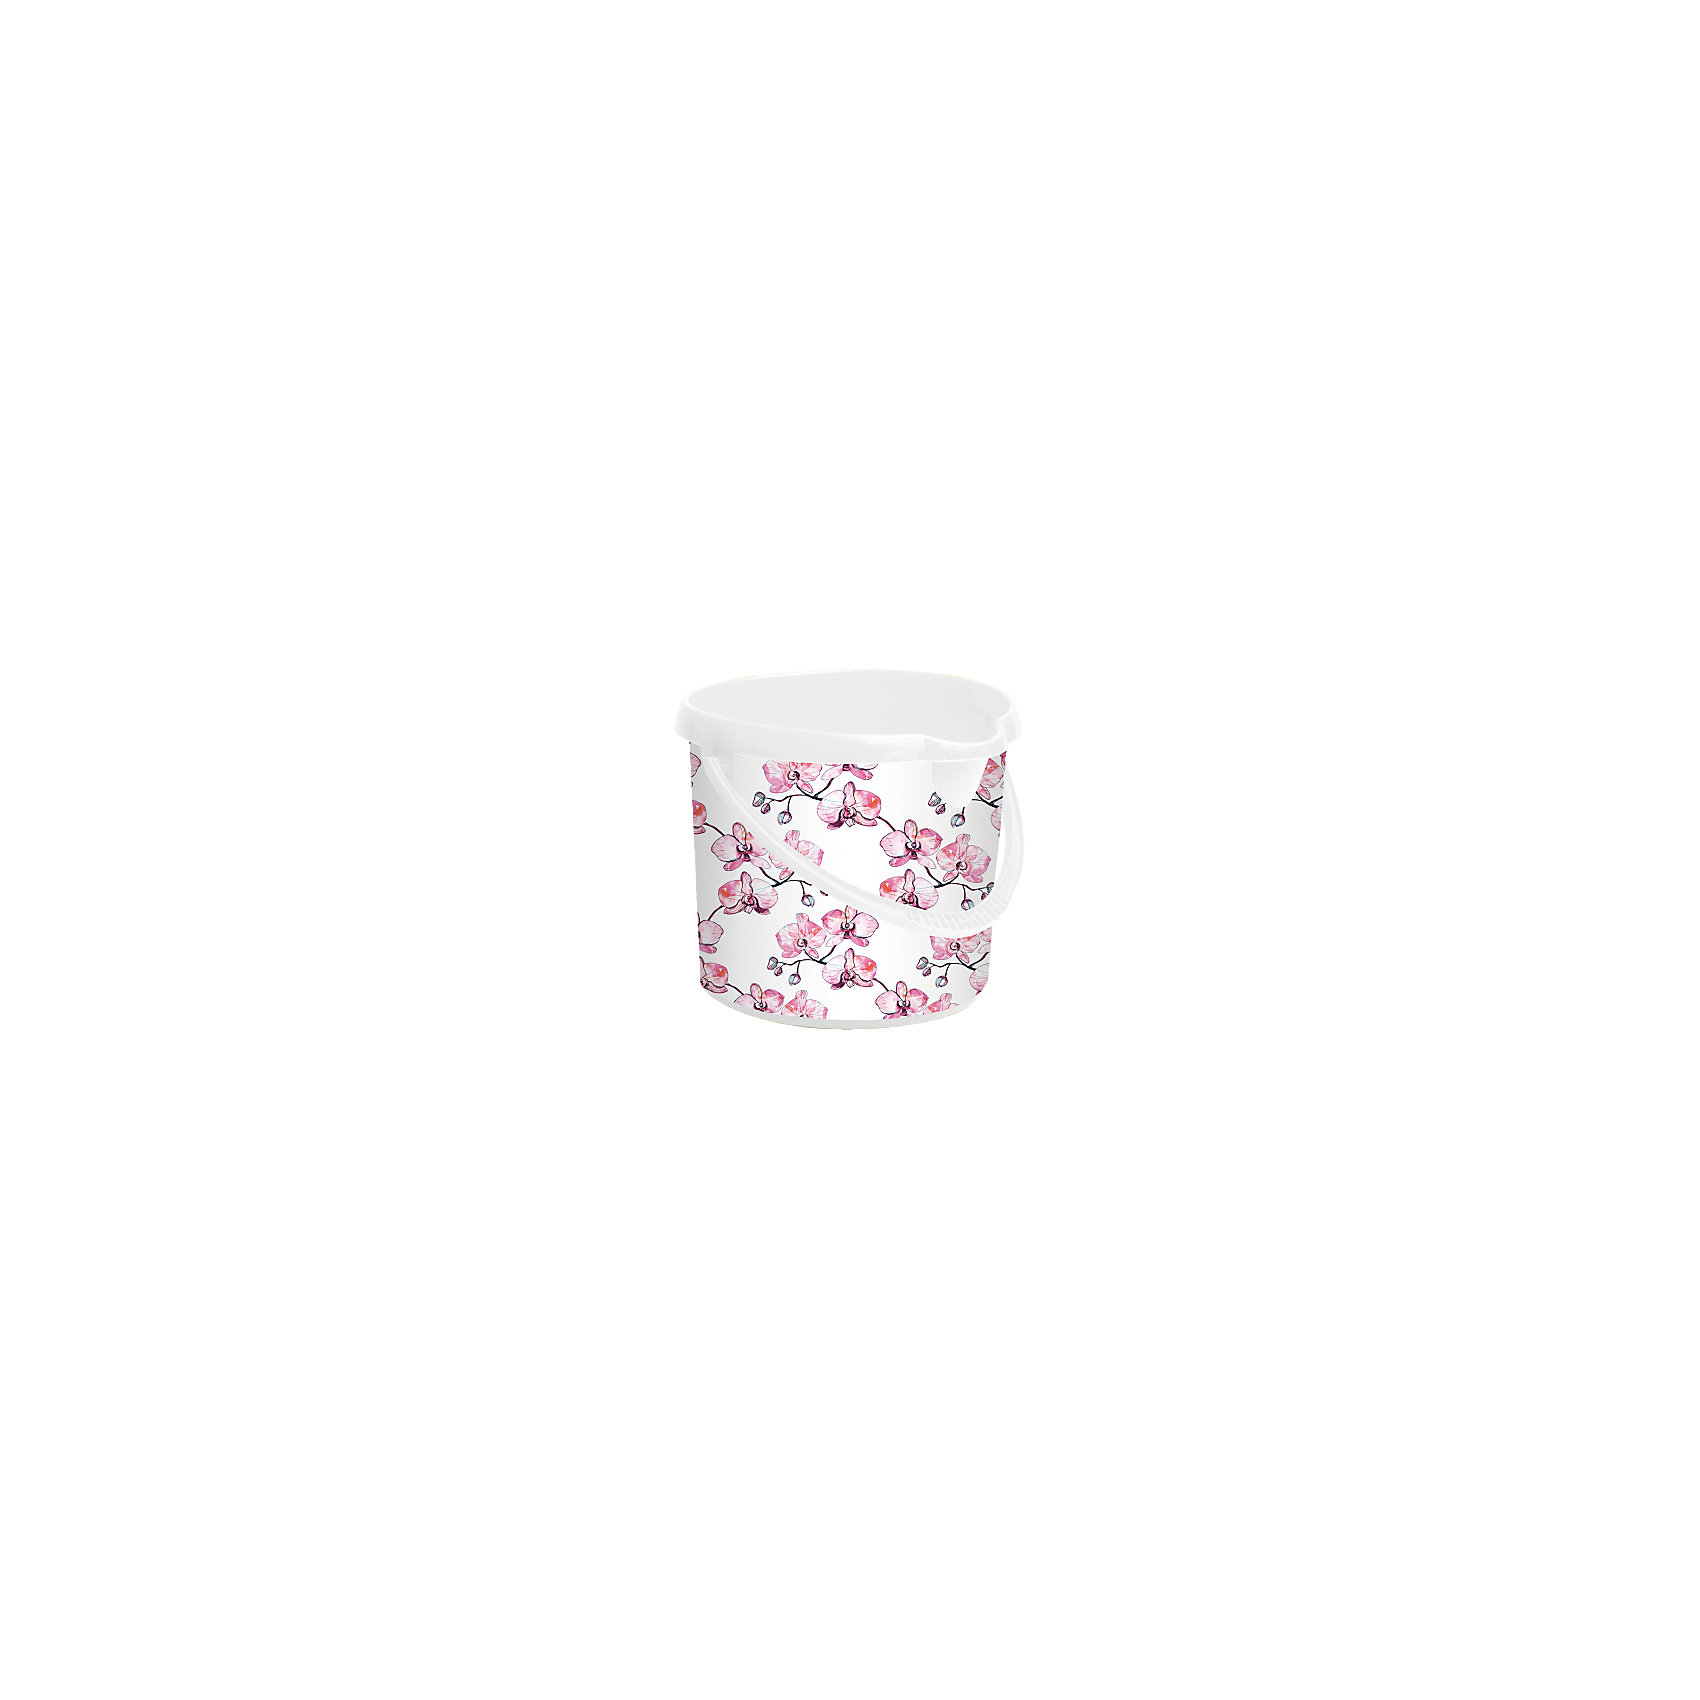 Ведро круглое 12 л Декор орхидеи, SvipВанная комната<br>Ведро круглое 12 л Декор орхидеи, Svip<br><br>Характеристики:<br><br>• Материал: пластик<br>• Цвет: белый<br>• В комплекте: 1 штука<br>• Объем: 12 литров<br>• Форма: округлая<br><br>Это удобное ведро с крышкой можно использовать для любых хозяйственно-бытовых целей по вашему выбору. Оно изготовлено их высококачественного, не бьющегося пластика и прослужит долго. Имеет прочную ручку, которая надежно крепится к основанию. Кроме прочих достоинств это ведро имеет стильную расцветку, объем 10 л и округлую форму и специальный носик для слива воды.<br><br>Ведро круглое 12 л Декор орхидеи, Svip можно купить в нашем интернет-магазине.<br><br>Ширина мм: 320<br>Глубина мм: 320<br>Высота мм: 265<br>Вес г: 445<br>Возраст от месяцев: 216<br>Возраст до месяцев: 1188<br>Пол: Унисекс<br>Возраст: Детский<br>SKU: 5545657